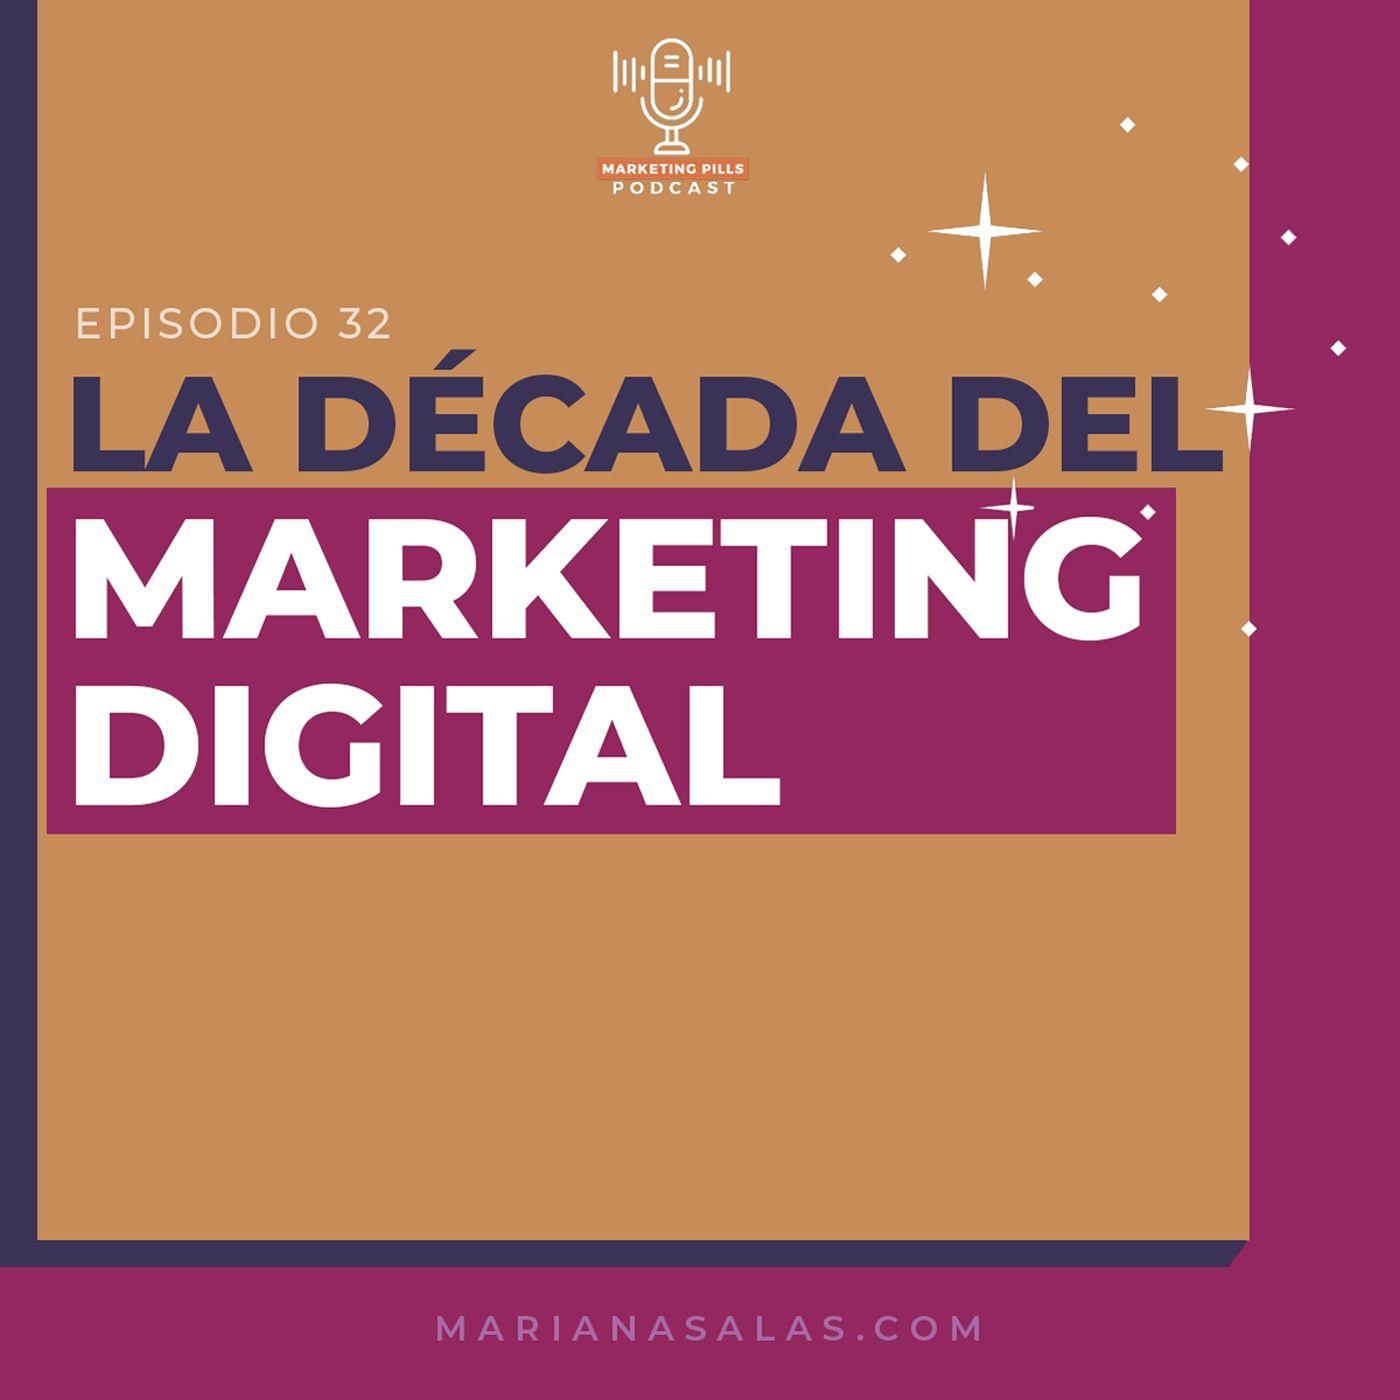 ⚡Episodio 32 - La Década Del Marketing Digital